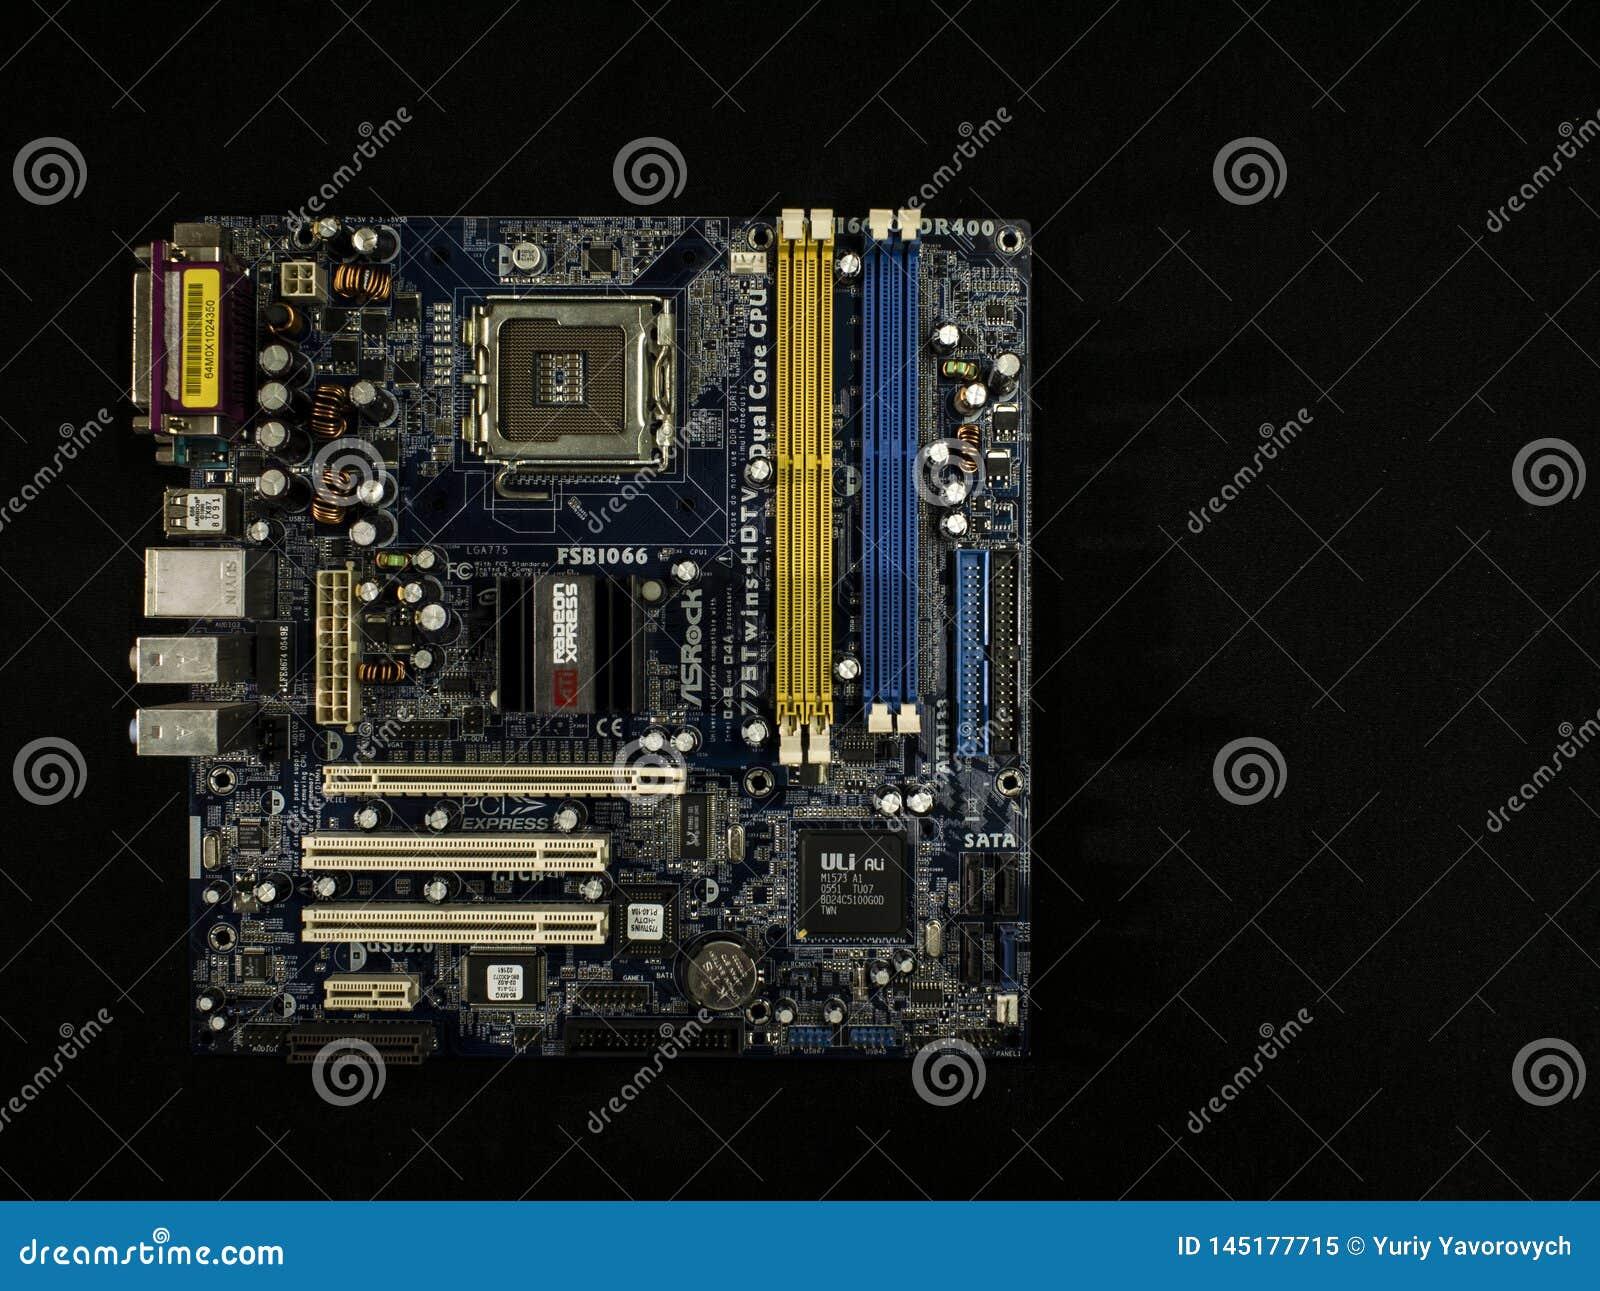 Elektroniczny system komputerowa płyta główna, cyfrowy układ scalony z tranzystorem, microcircuit na czarnym tle